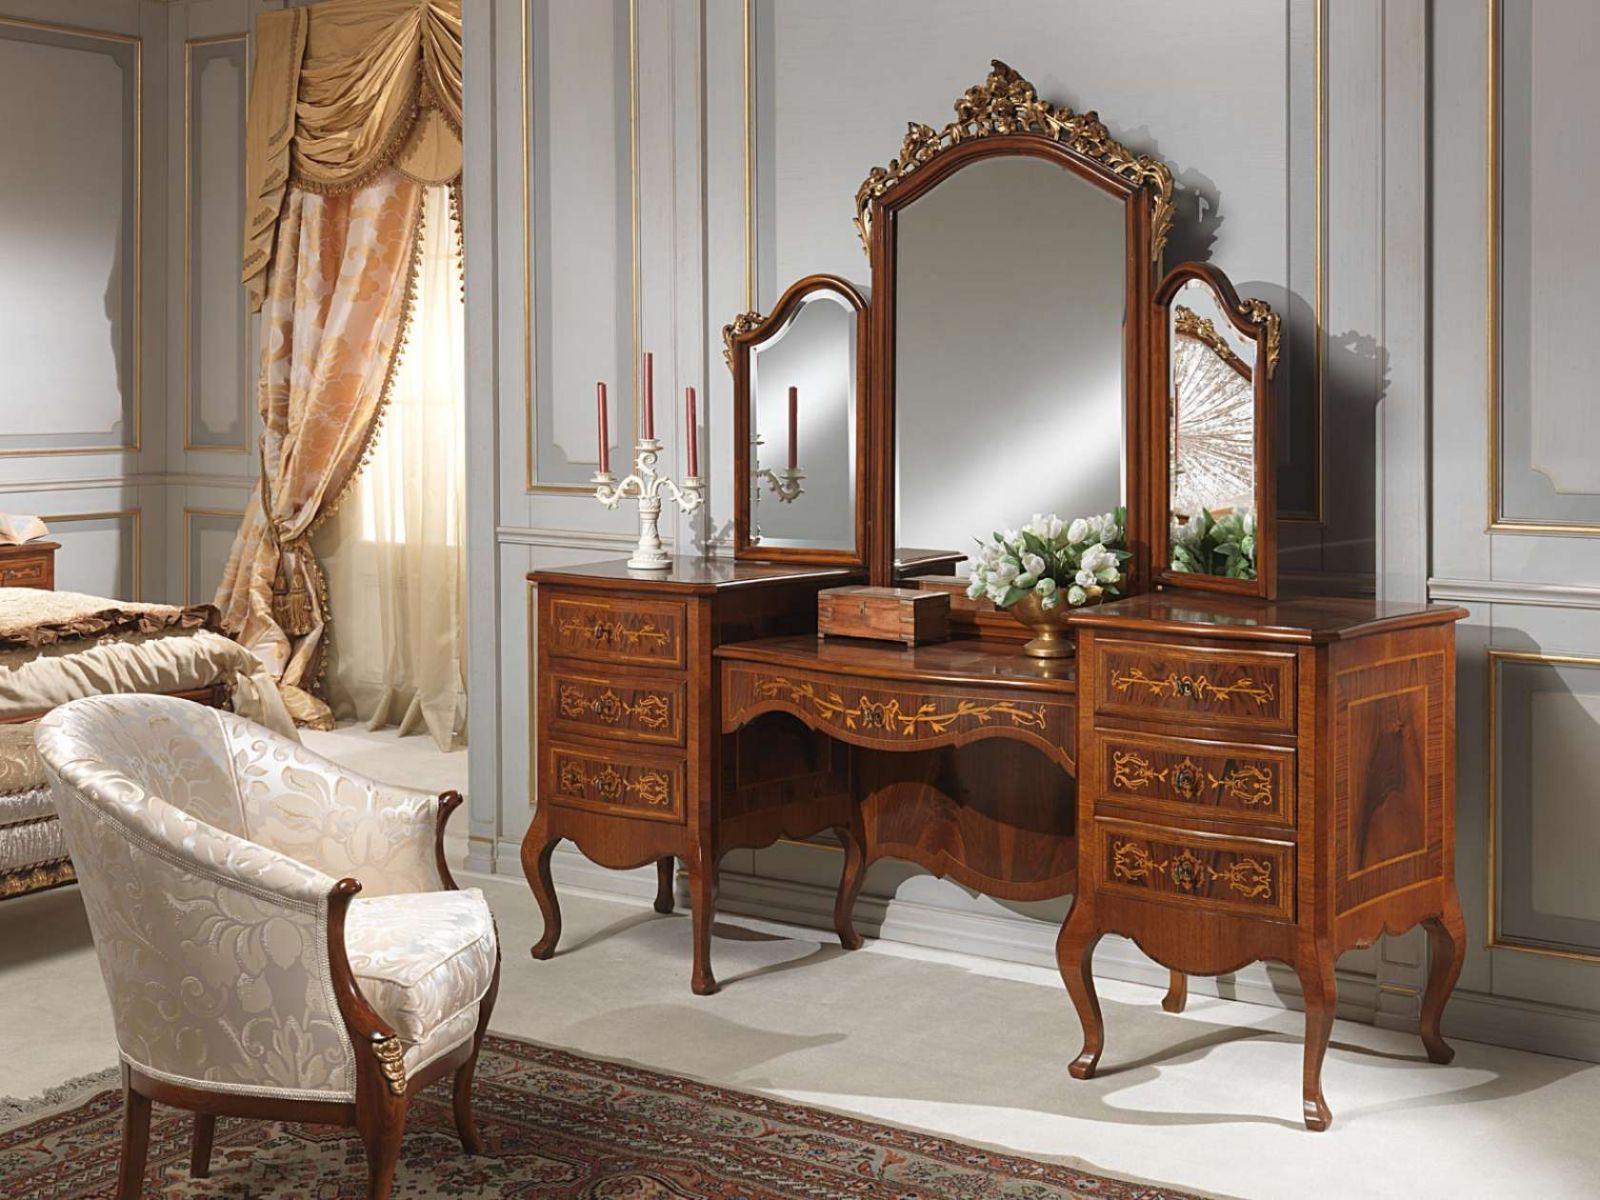 Mẫu bàn trang điểm cho phòng ngủ tân cổ điển